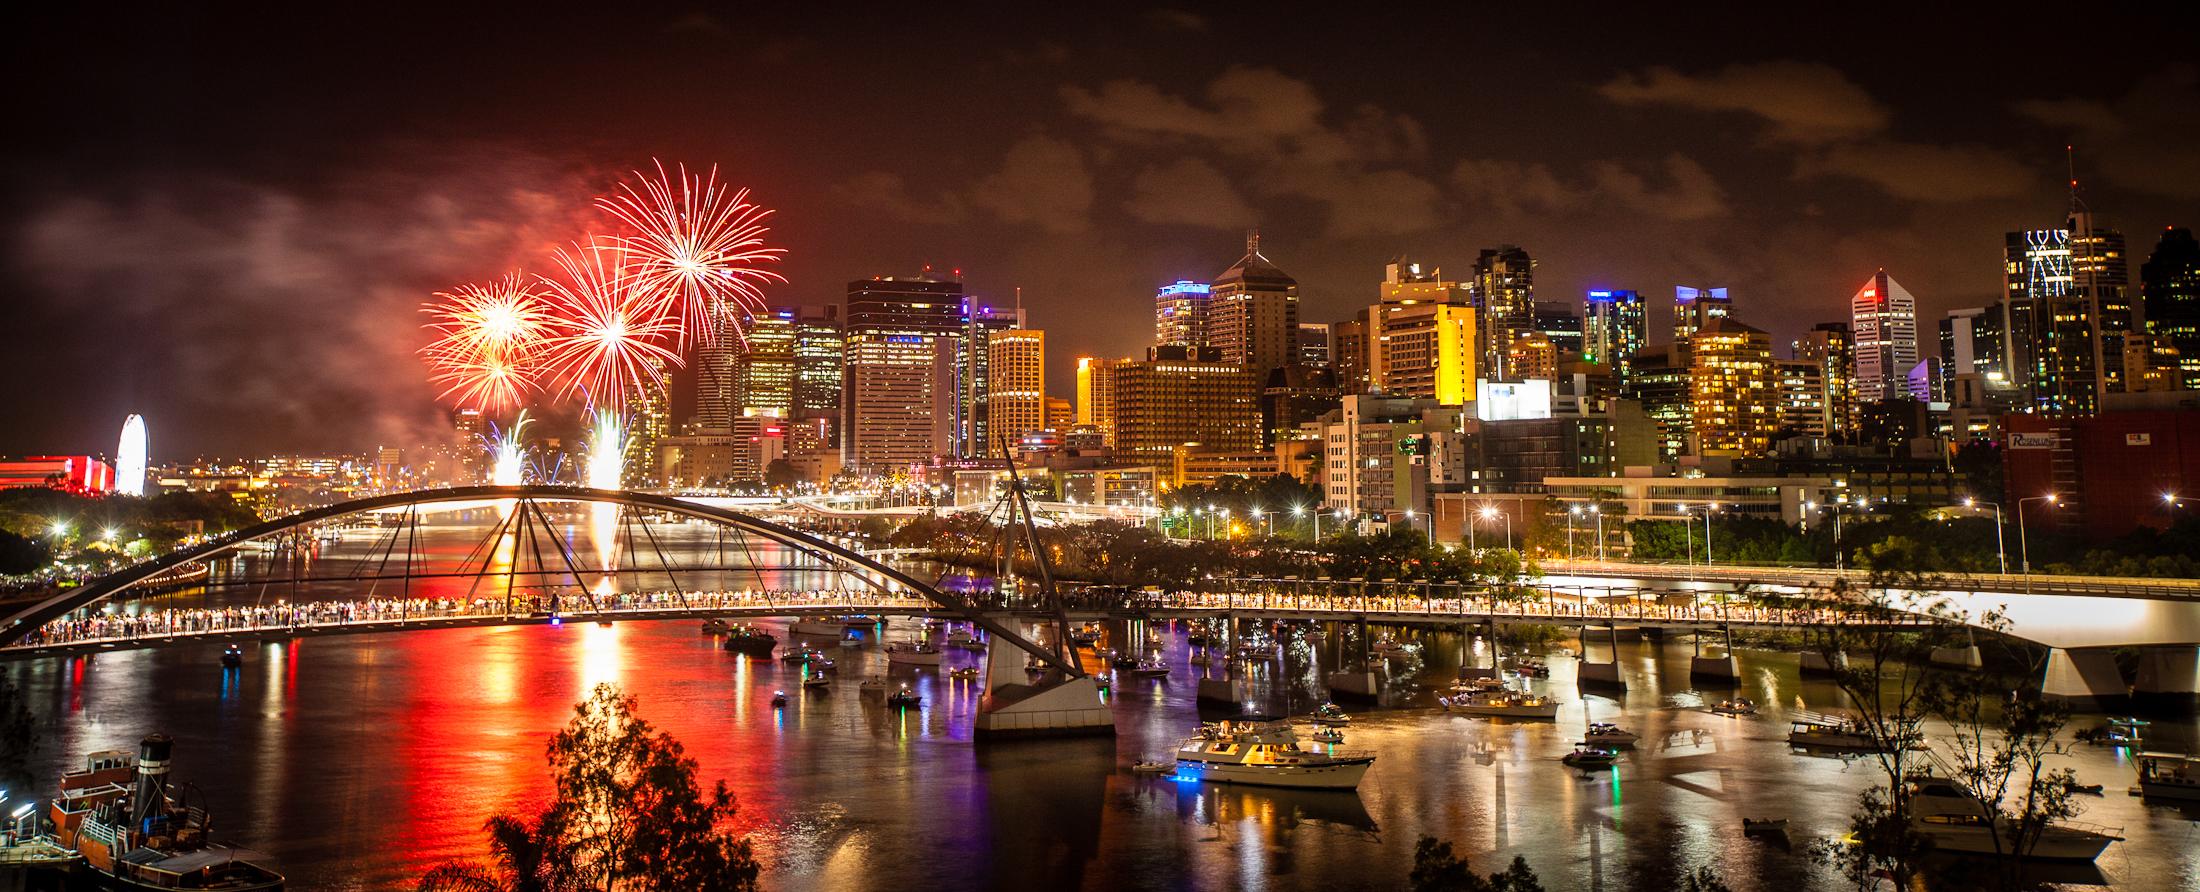 ny-fireworks-brisbane-22823